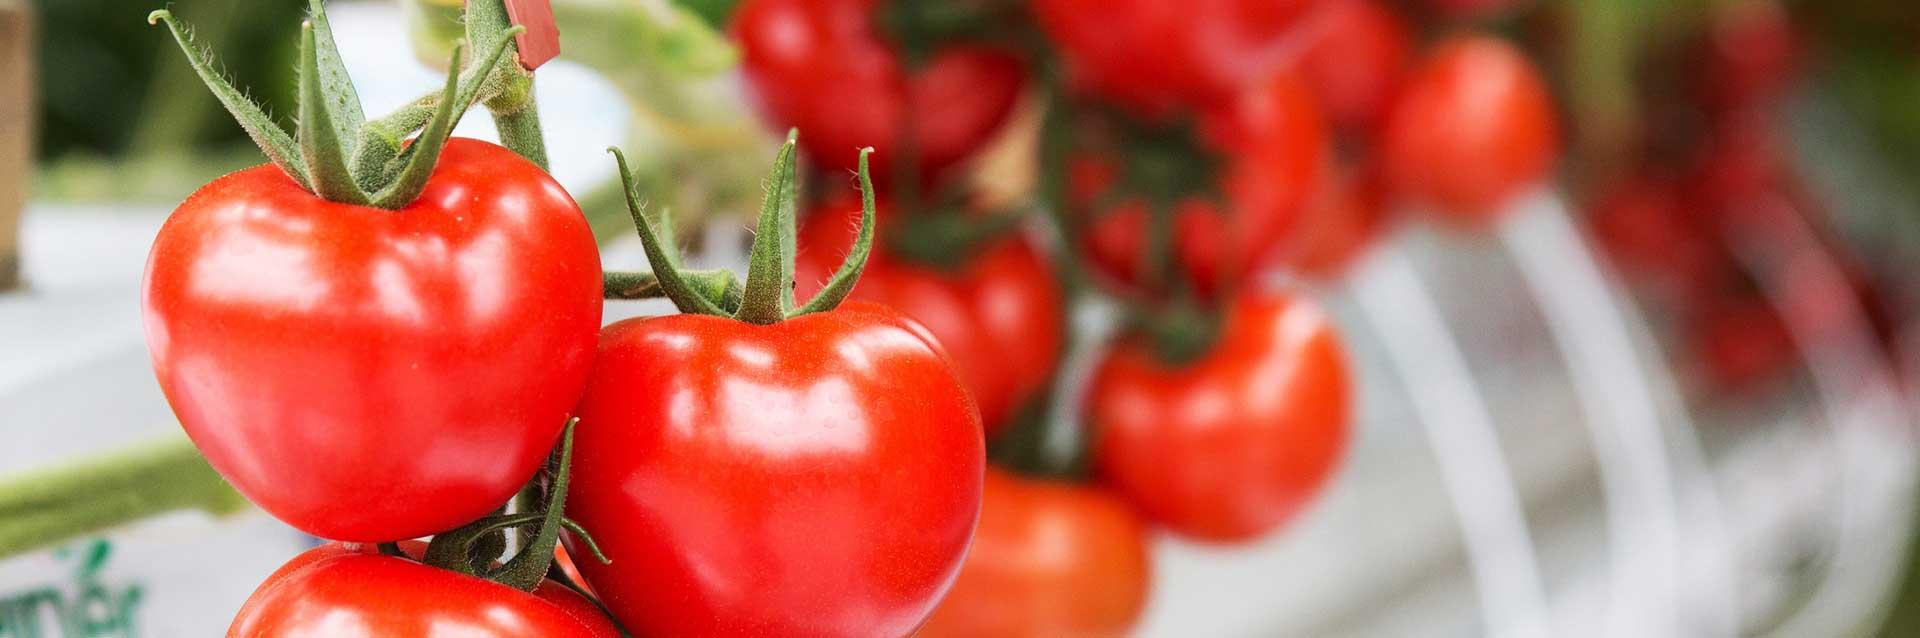 Gemüsebau Steiner lebt Nachhaltigkeit in allen Bereichen